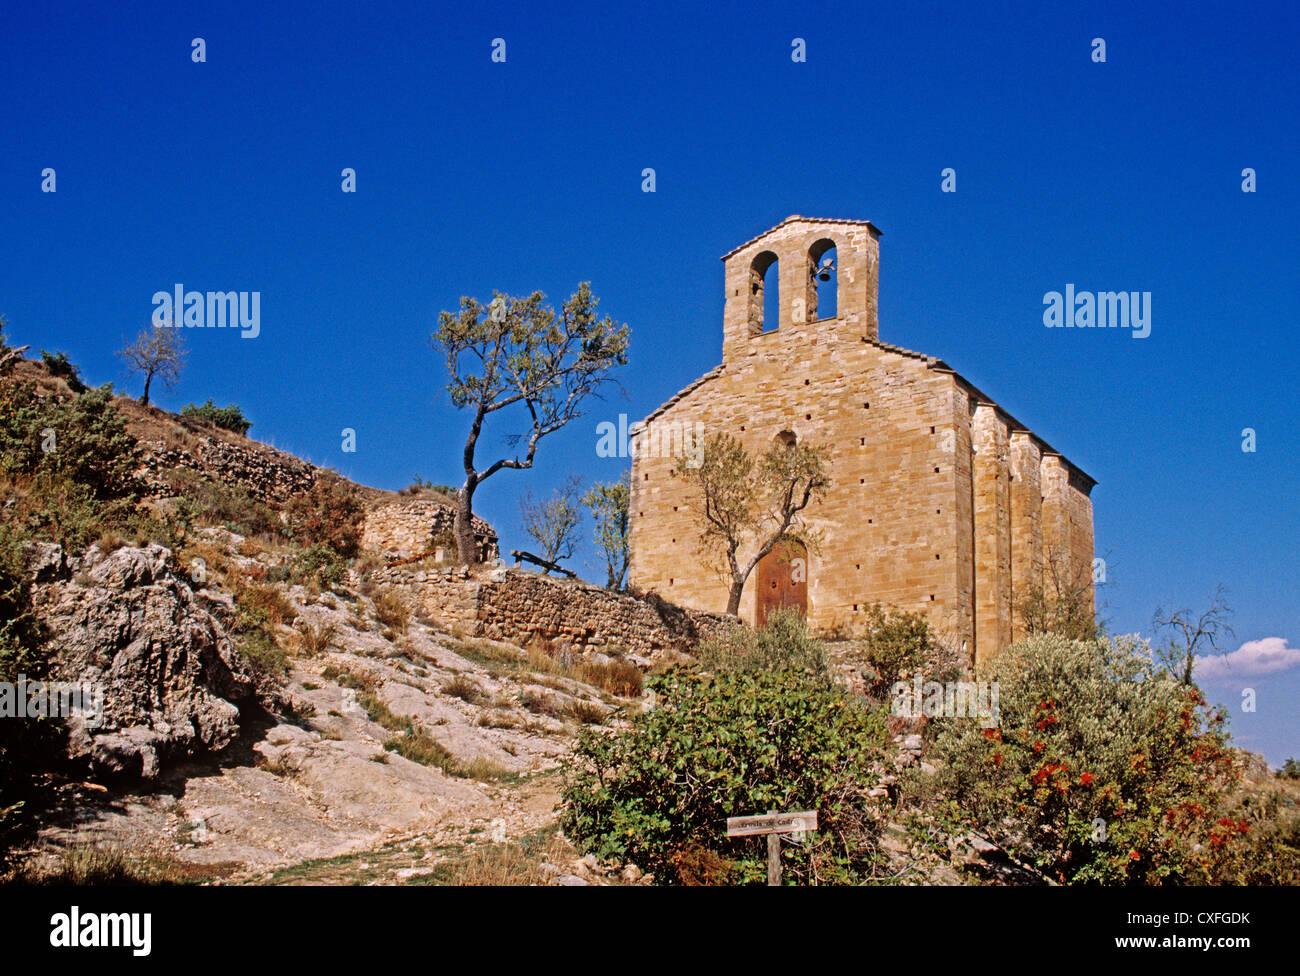 Romanesque chapel Puebla de Castro Ribagorza region of Huesca Aragon Spain ermita romanica de castro españa - Stock Image